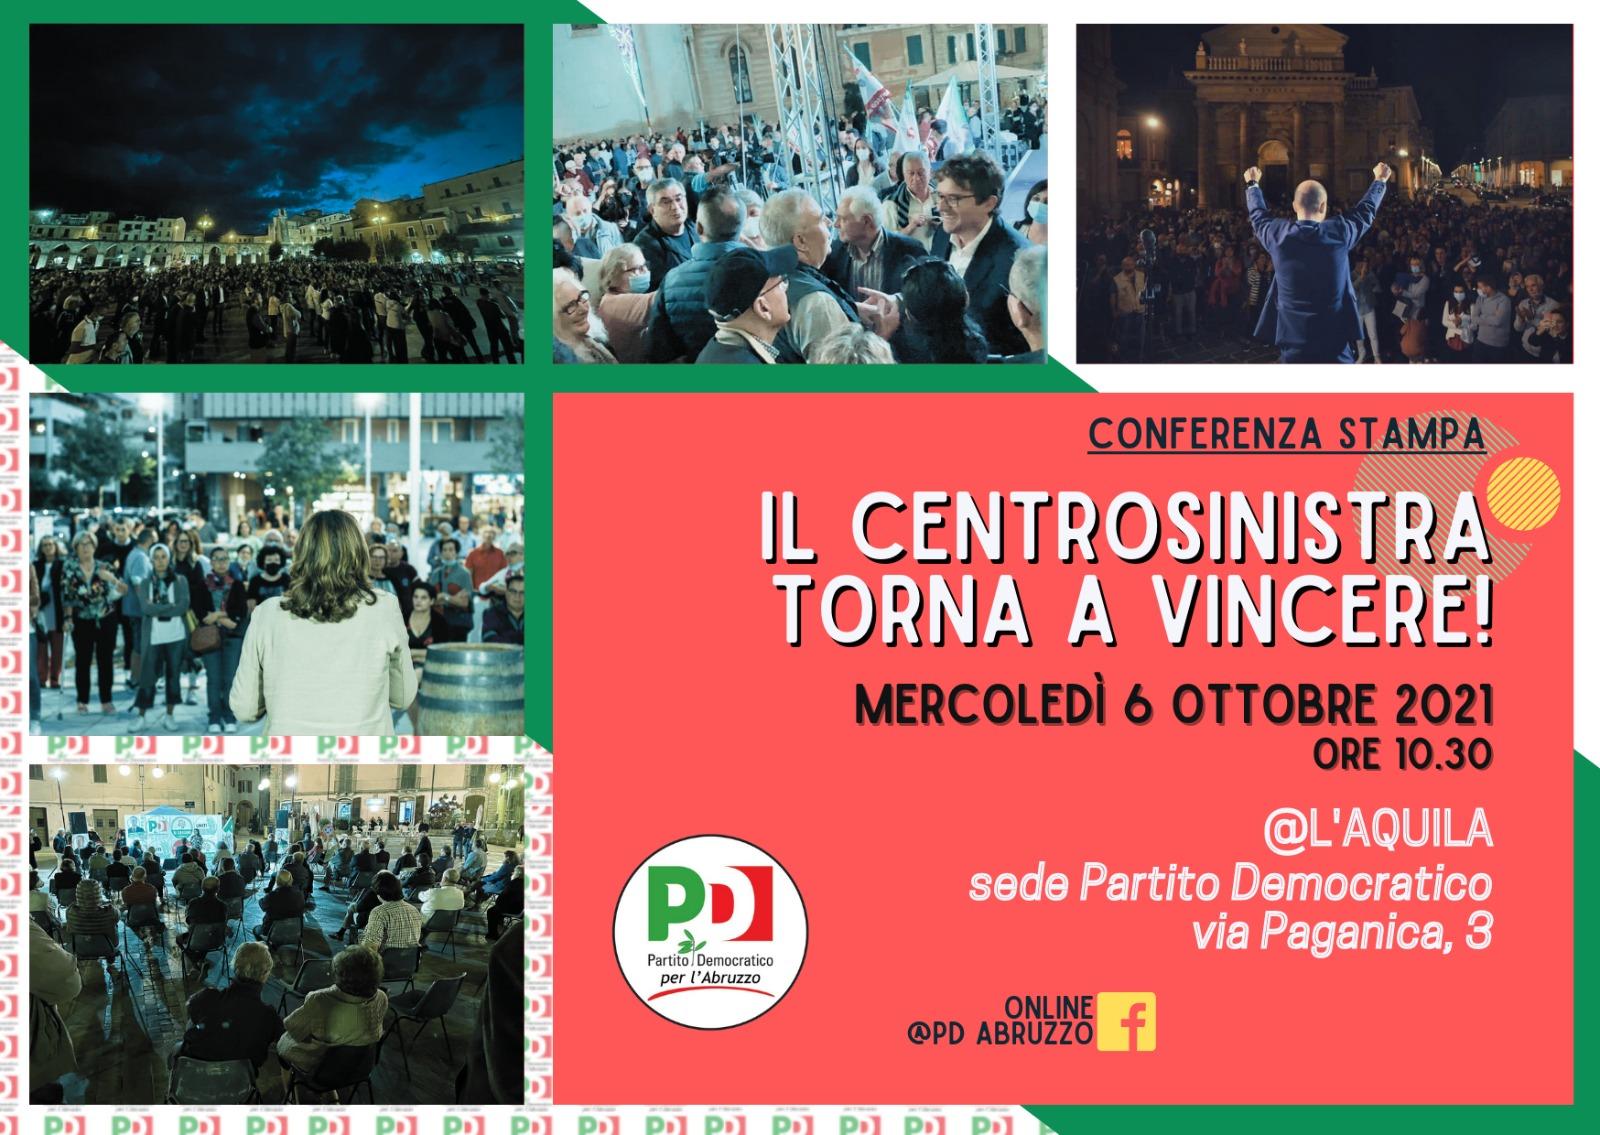 Amministrative, mercoledì 6 ottobre la conferenza stampa del PD Abruzzo